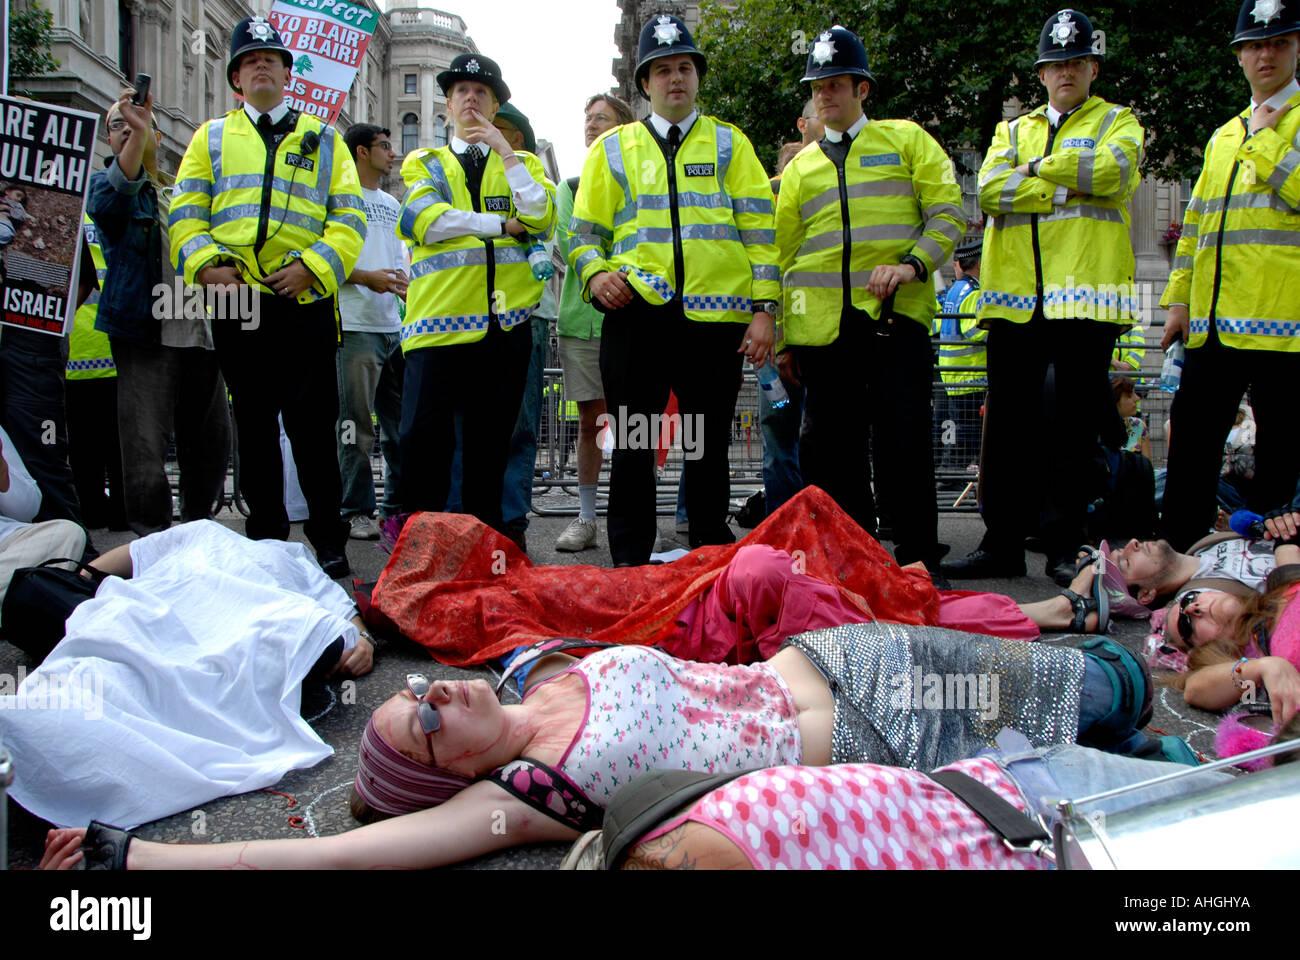 Étendre la démonstration Downing Street London Whitehall lorsque 100 000 personnes protester contre attaque israélienne sur le Liban le 5 août 2006. Photo Stock